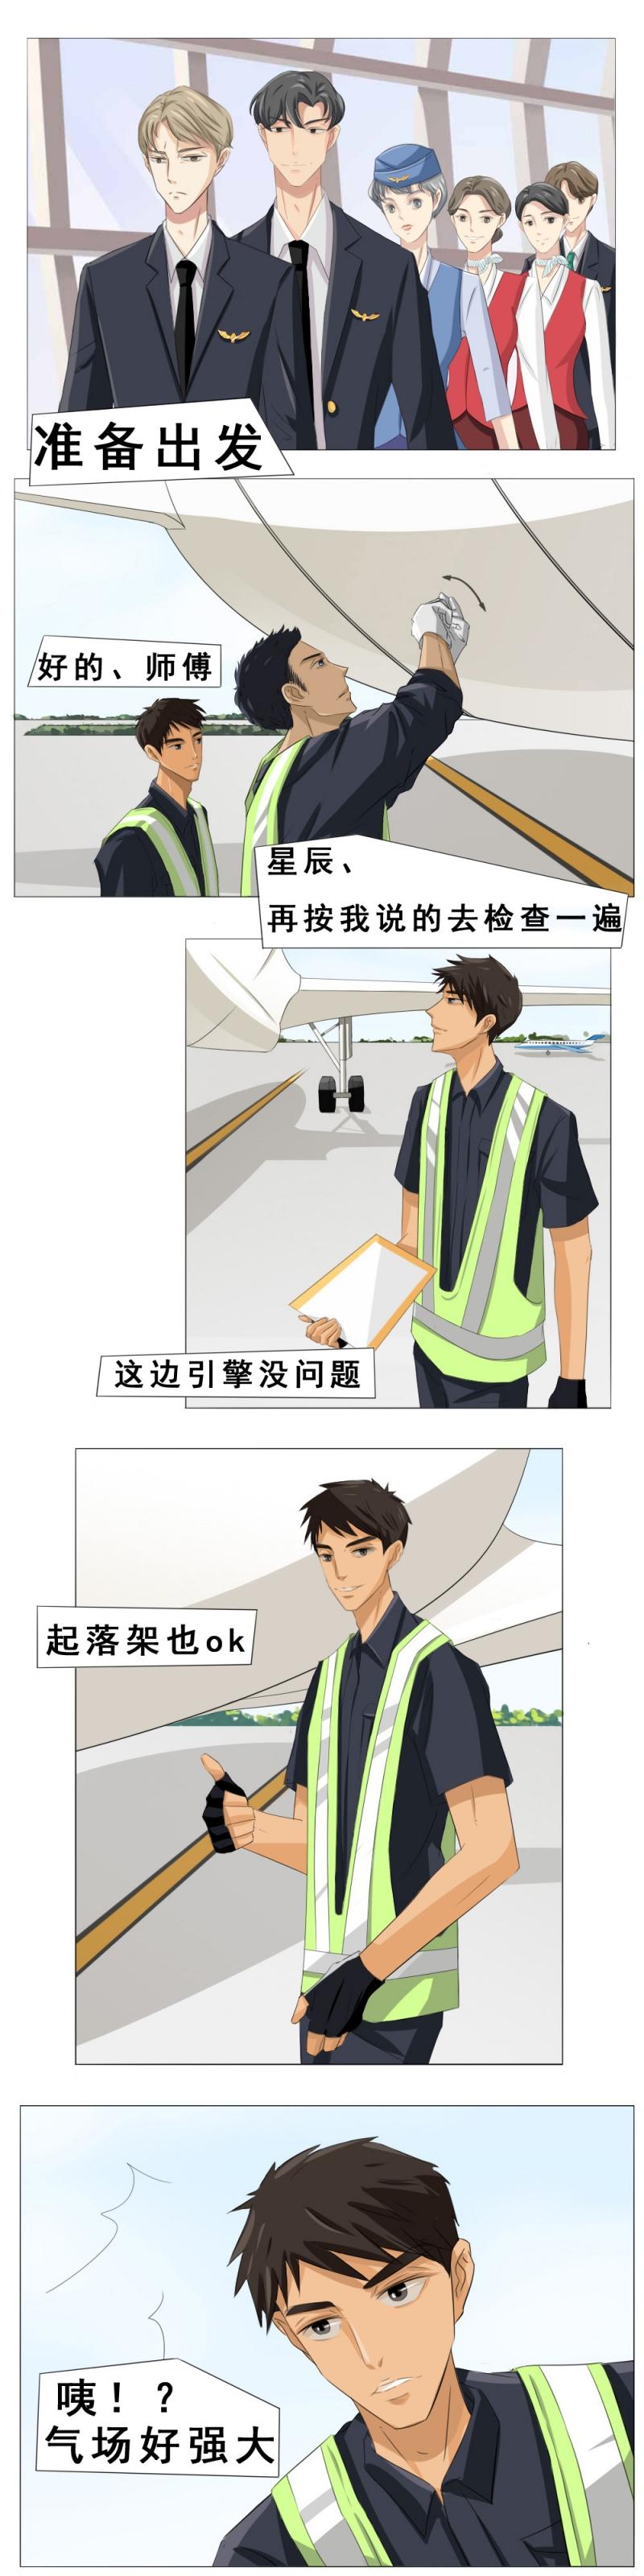 青航漫画第4话